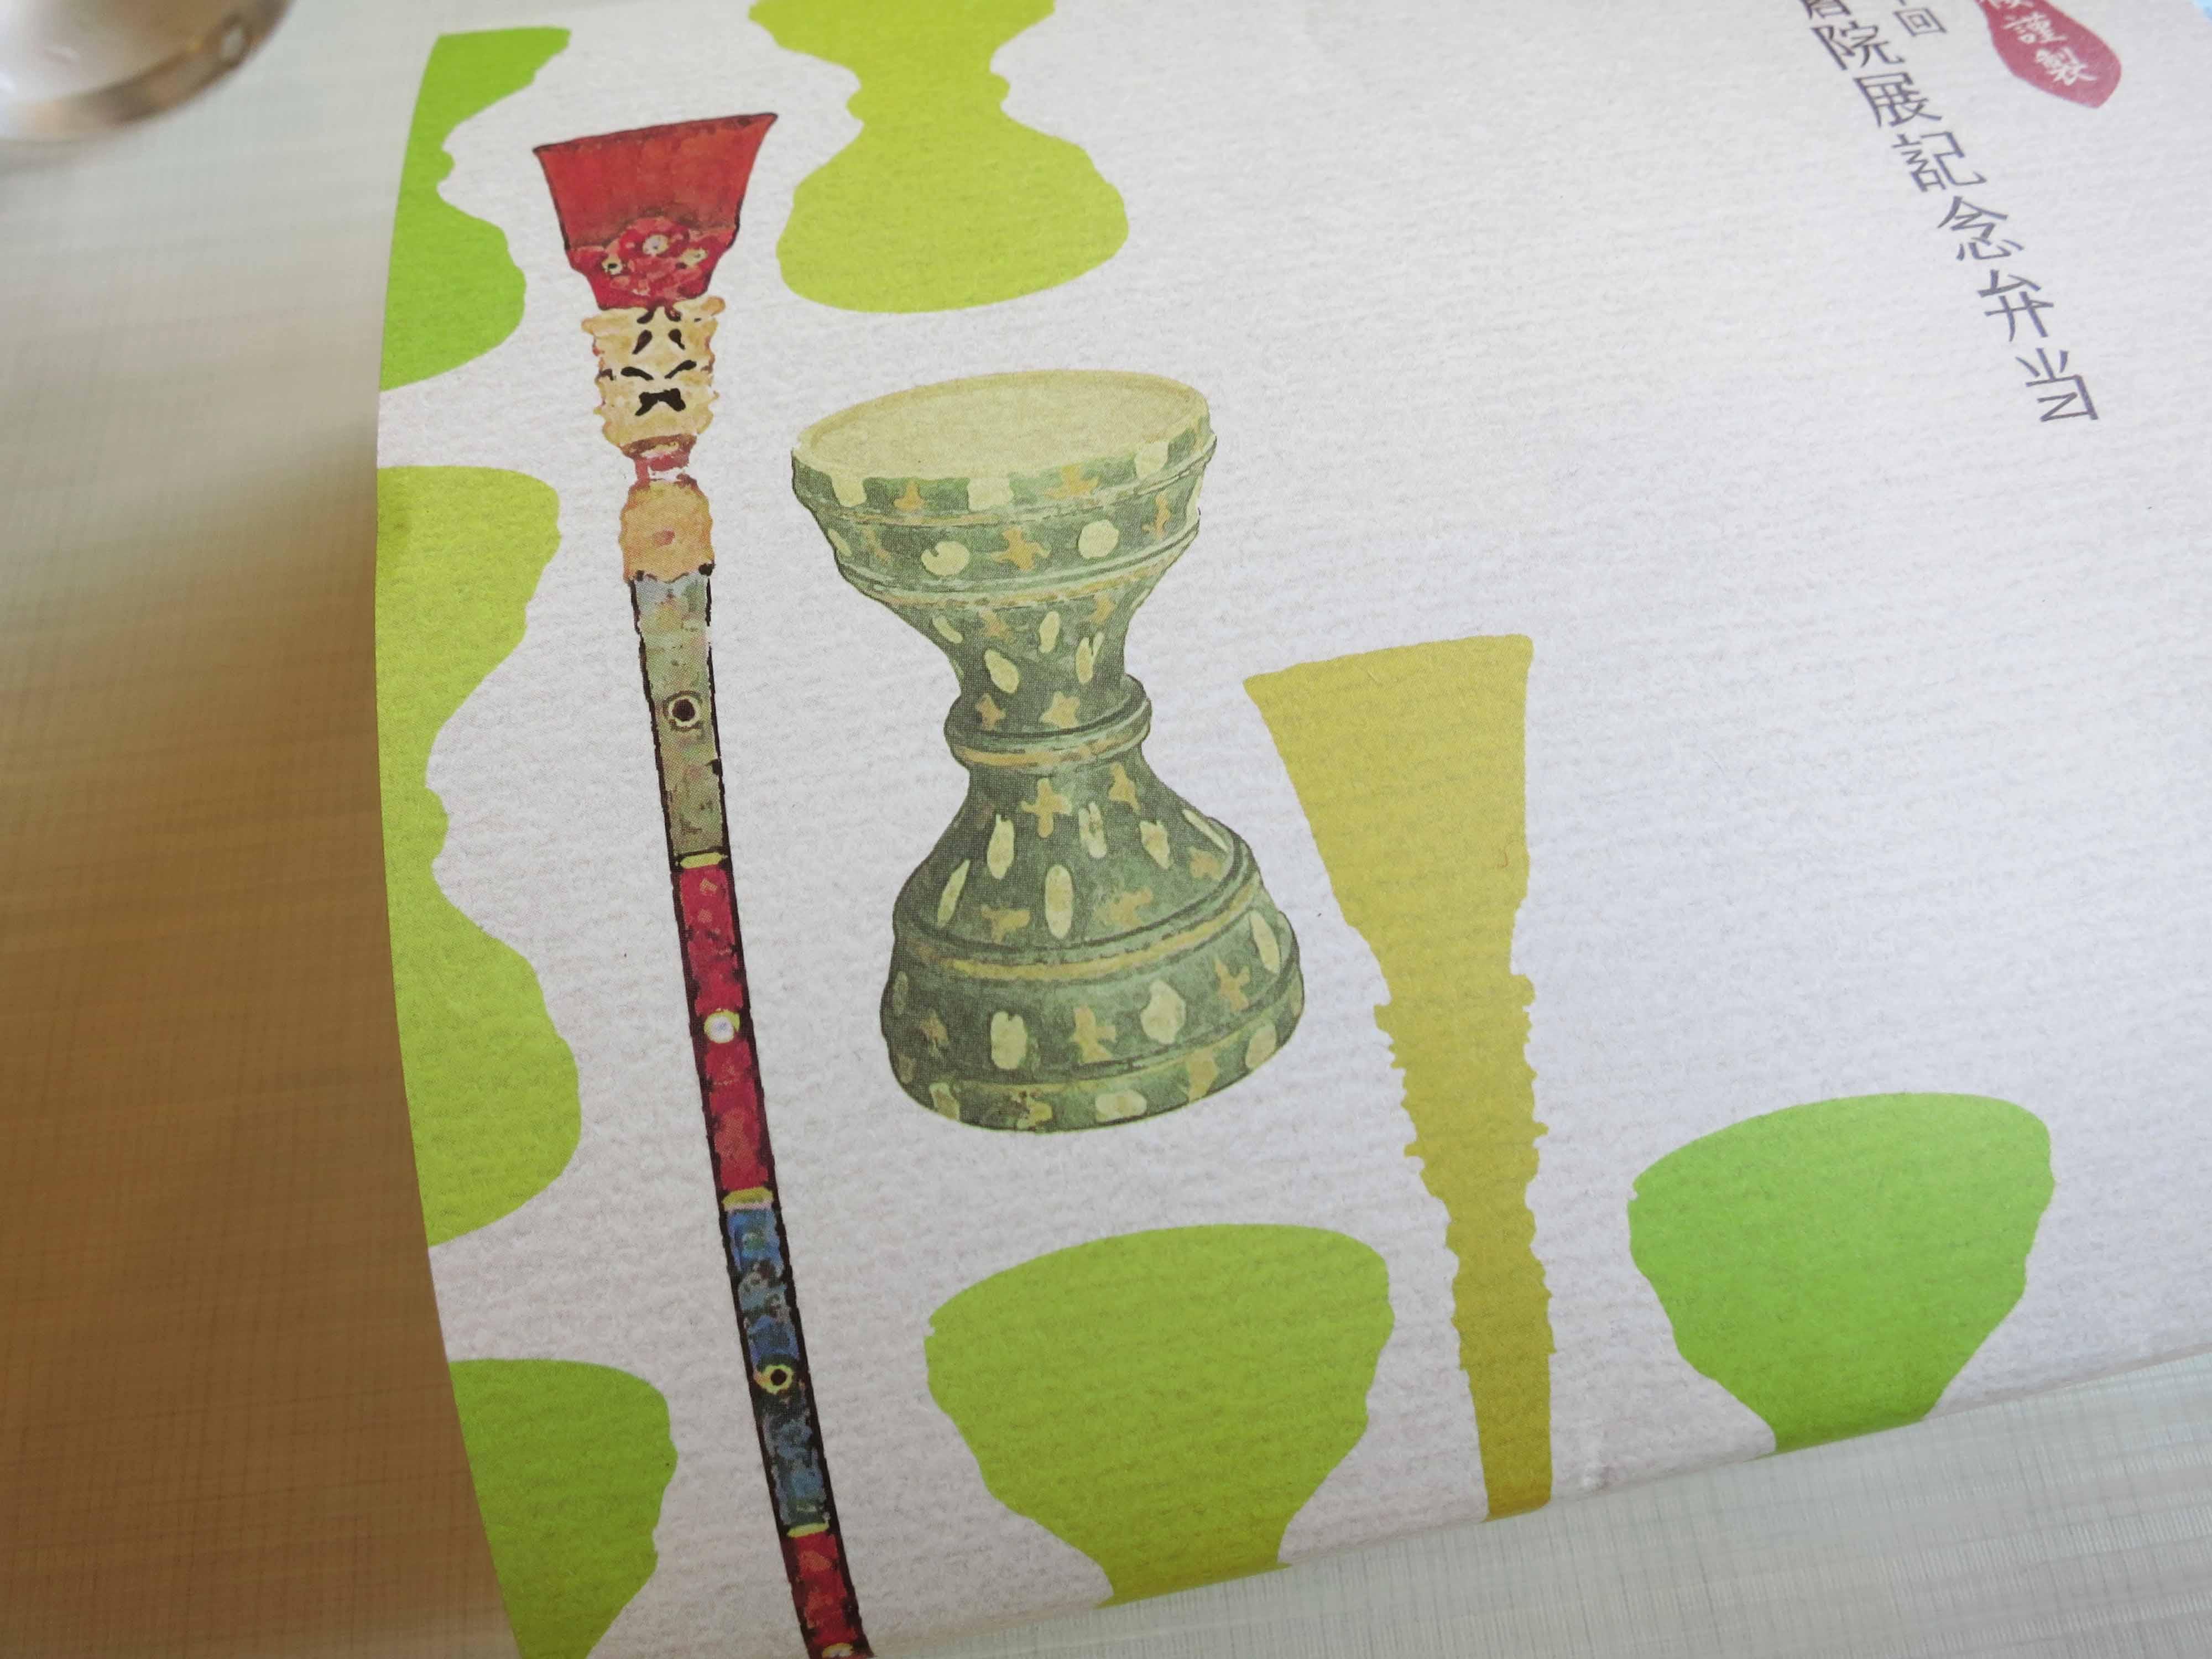 包み紙には、正倉院展で見てきた宝物のイラストが描かれており、正倉院展の余韻に浸れます~